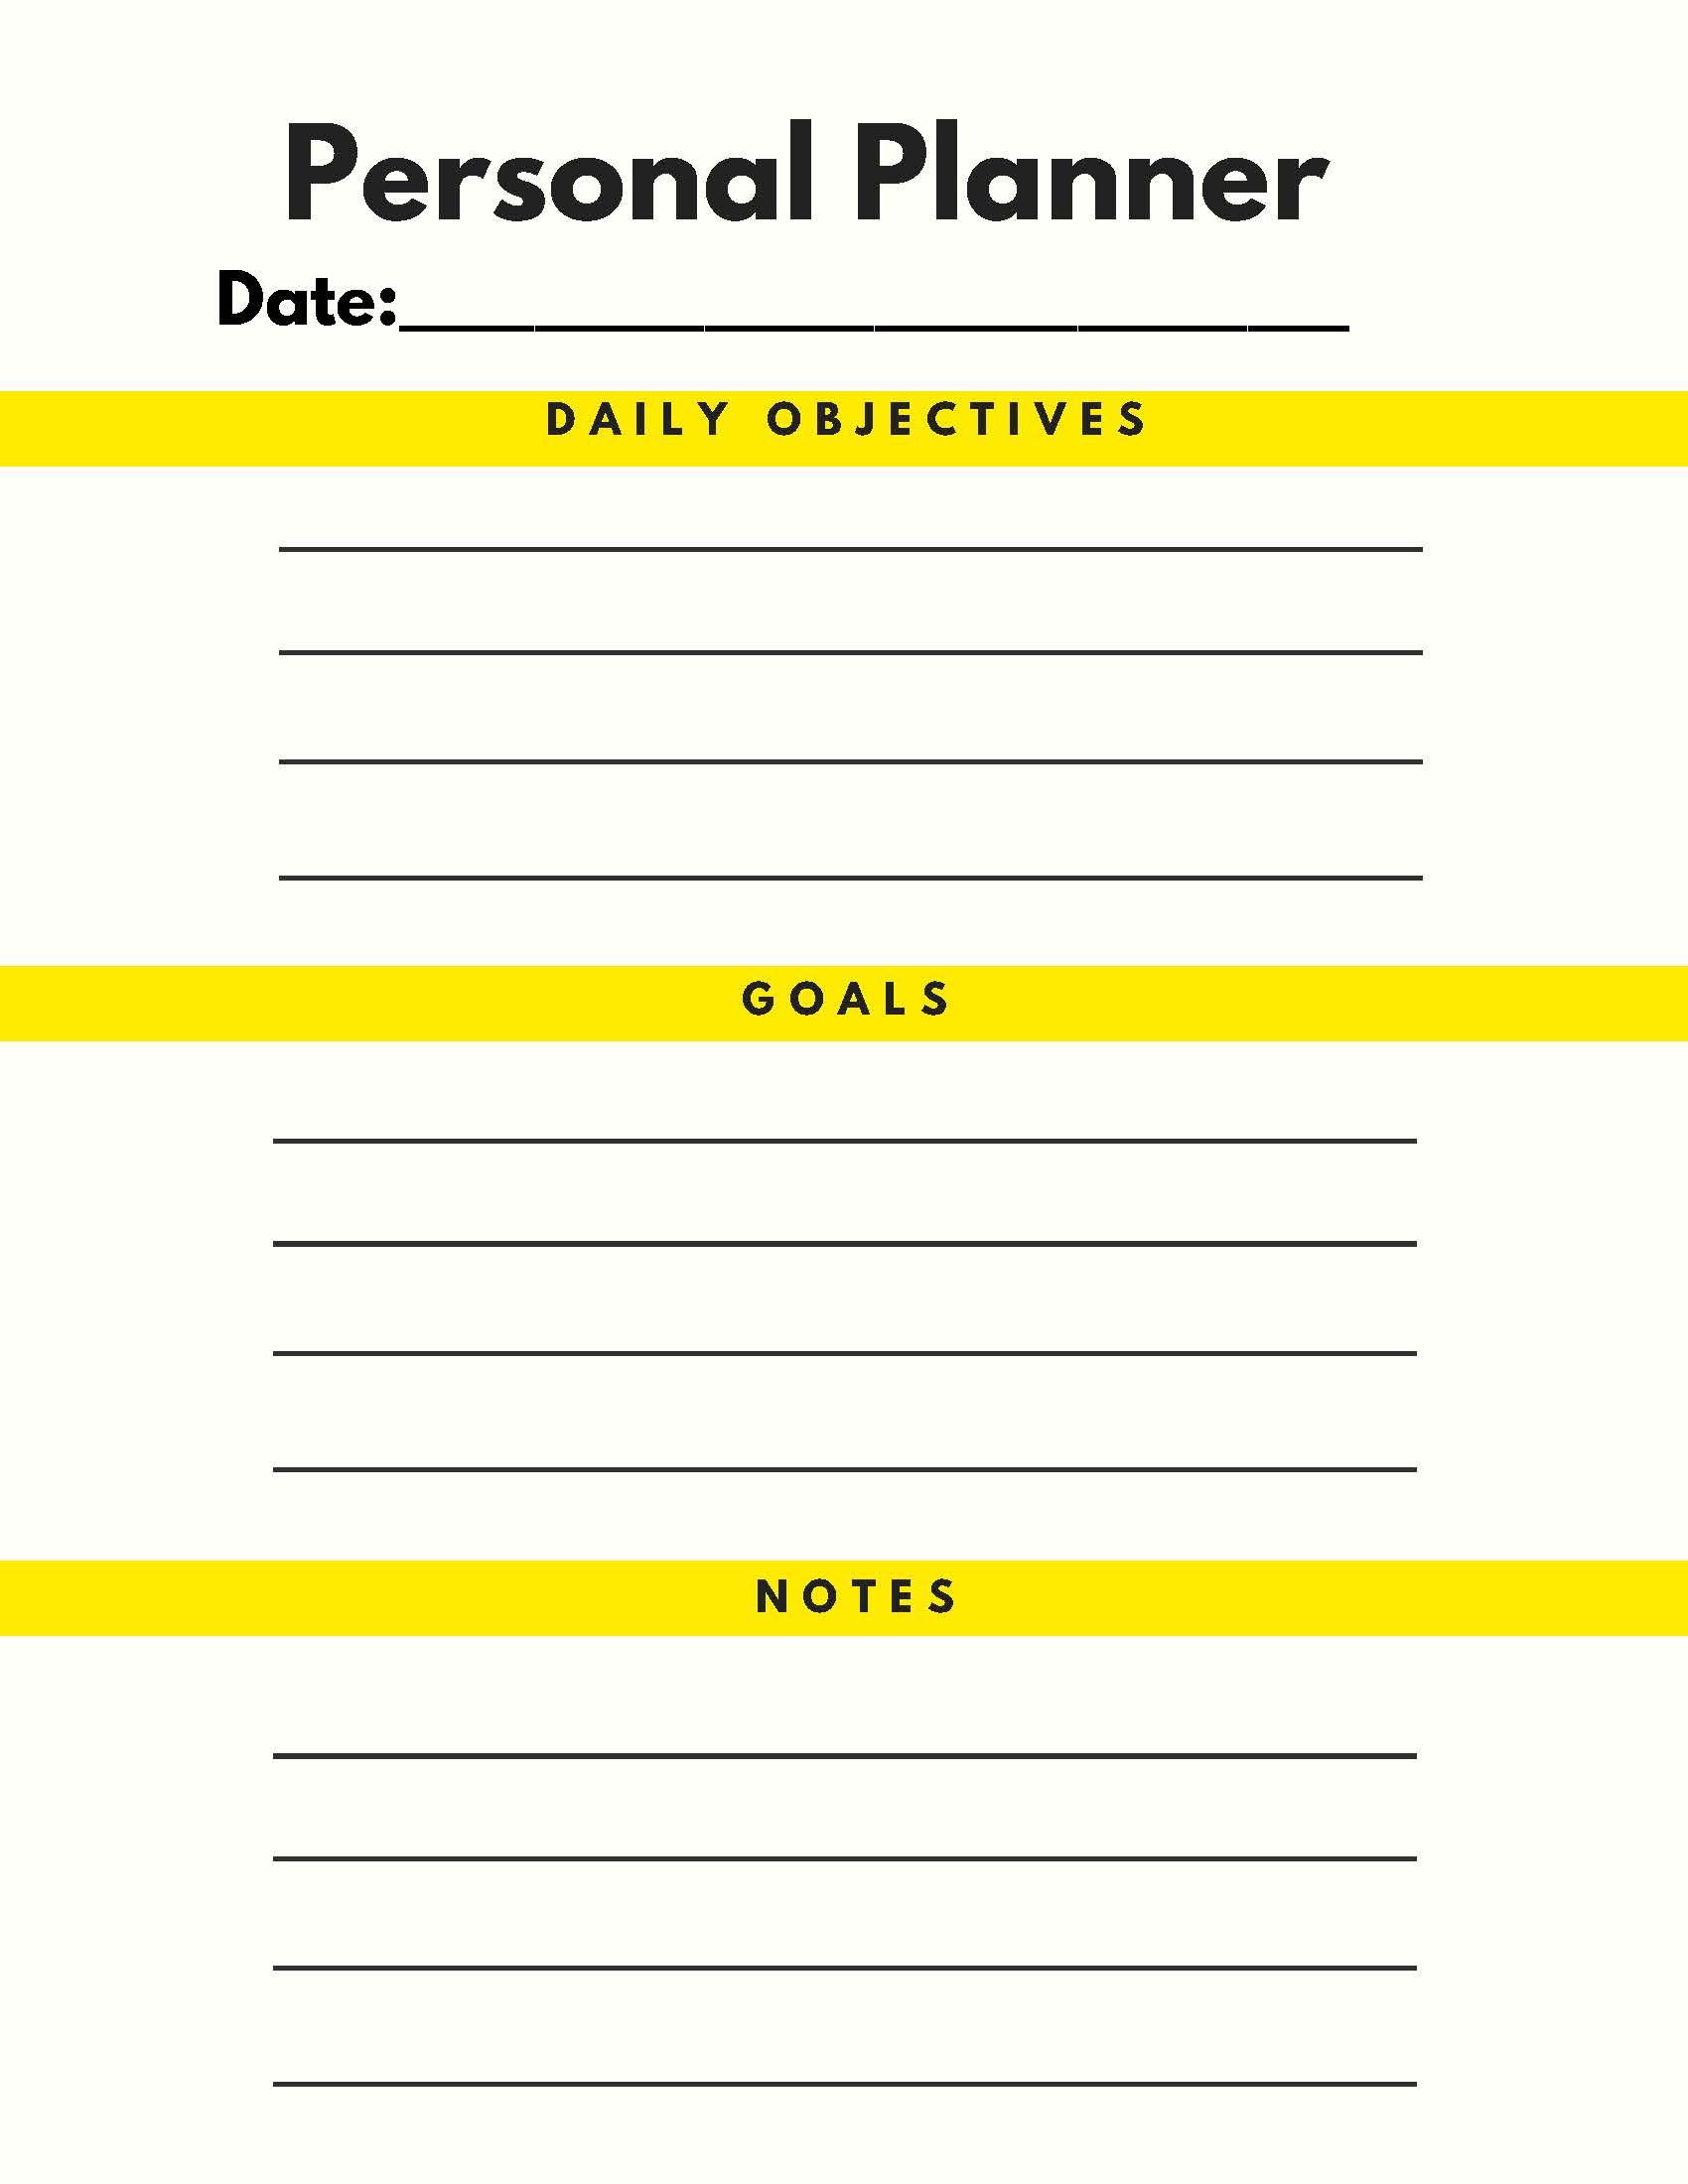 My personal planner (2).jpg